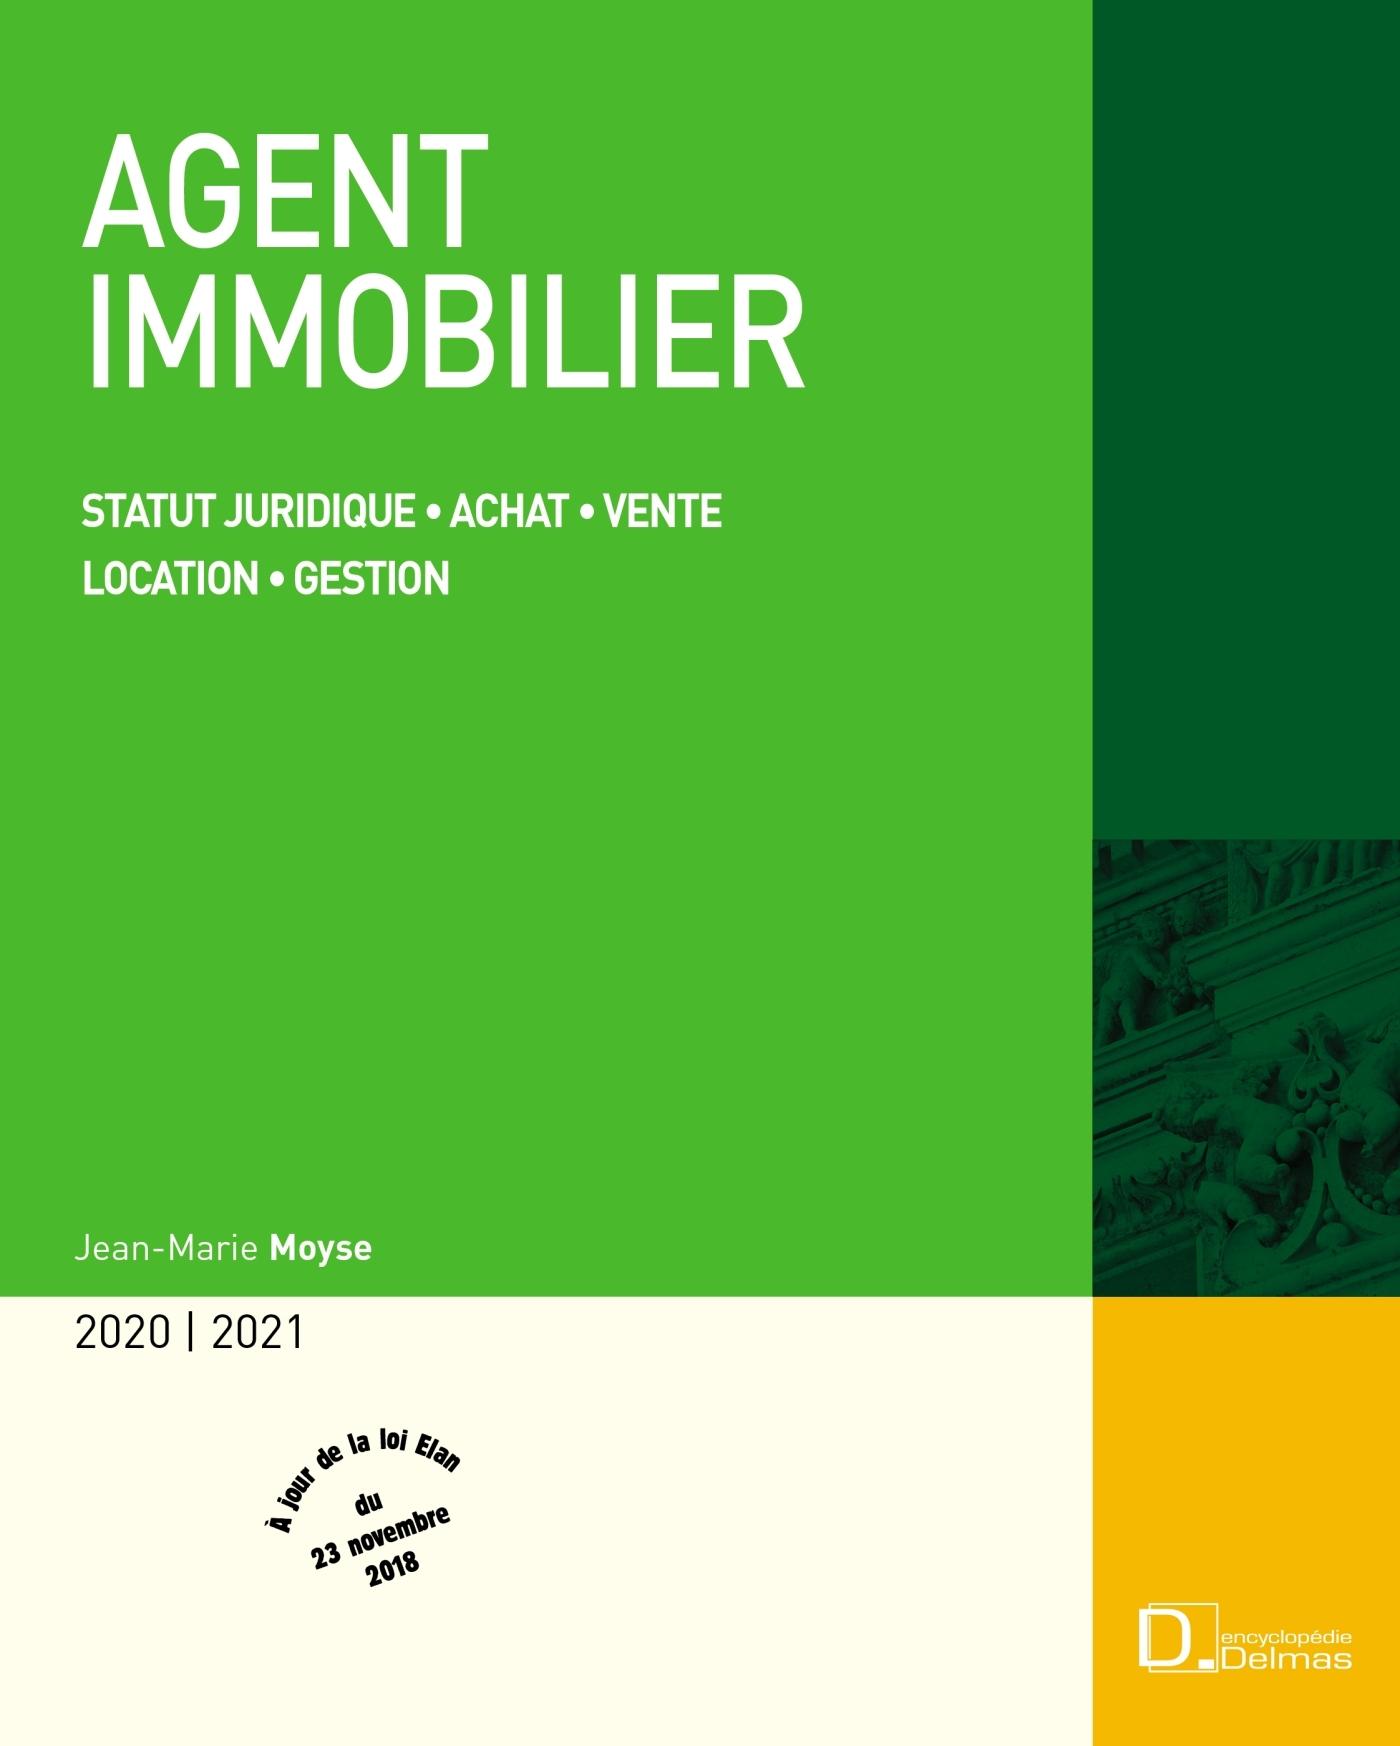 AGENT IMMOBILIER 2020/21. STATUT JURIDIQUE . ACHAT - VENTE . LOCATION - GESTION - 20E ED. - STATUT J